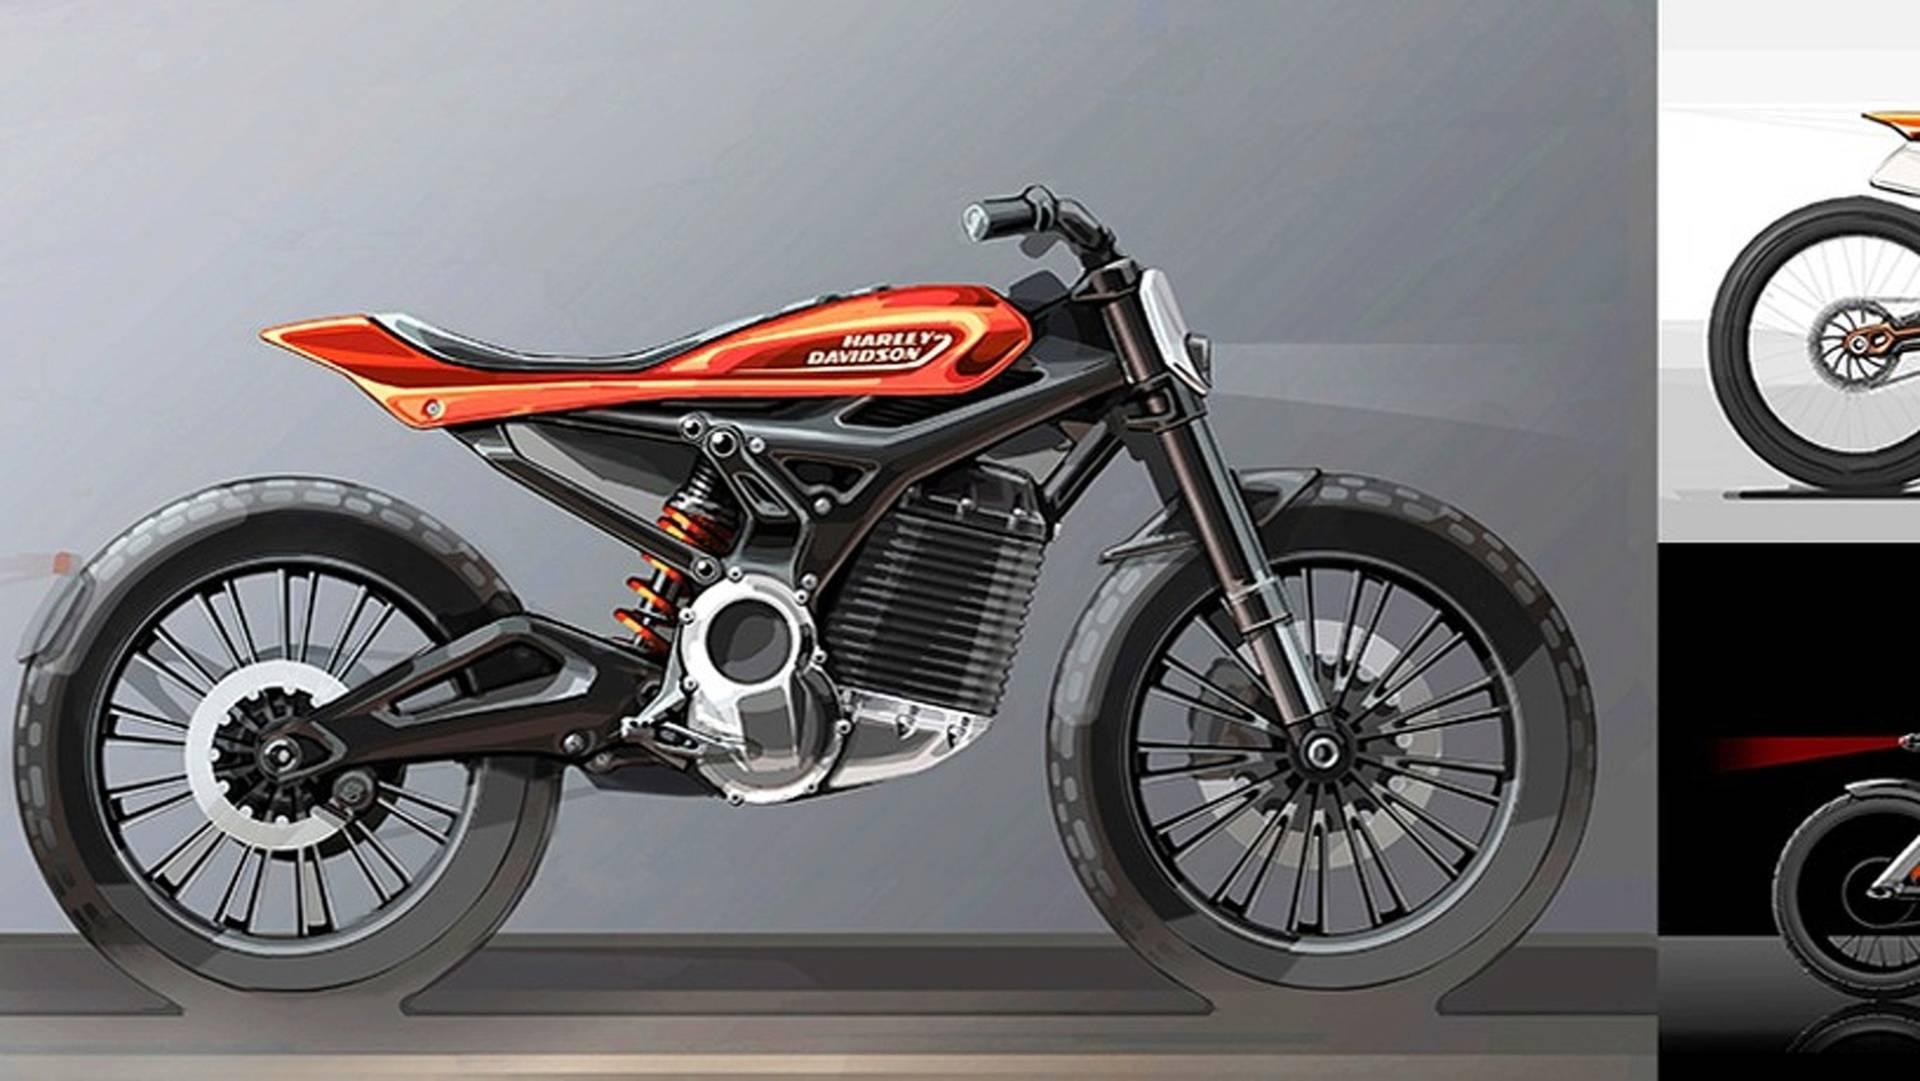 Harley-Davidson antecipa motos inéditas, incluindo big ...